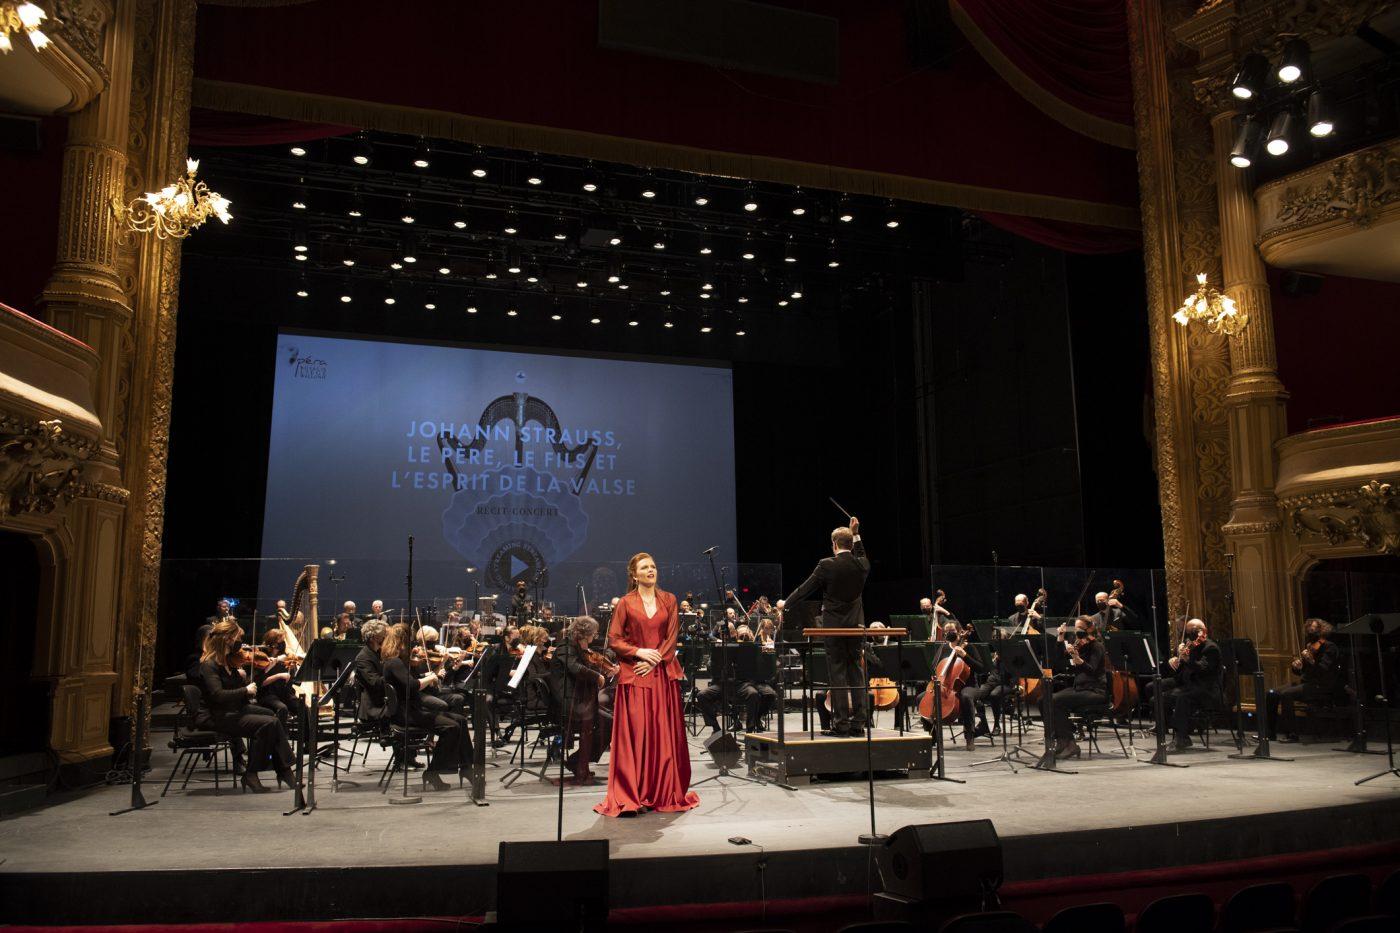 Opéra Royal de Wallonie-Liège, Orchestre de Johann Strauss, le père, le fils et l'esprit de la valse